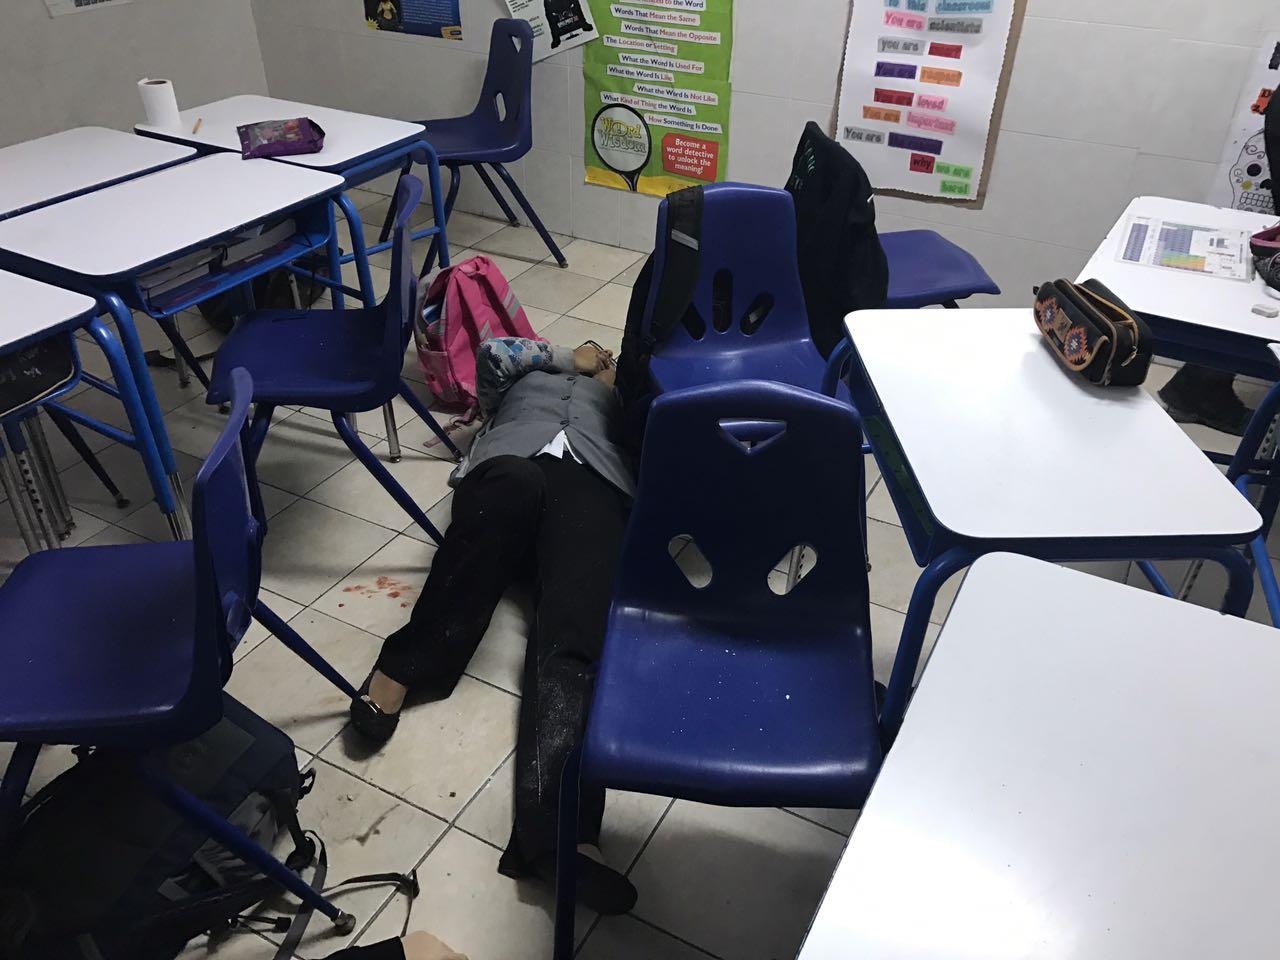 ¡Tragedia en colegio de Monterrey: alumno disparó a una maestra y sus compañeros y luego se suicidó!